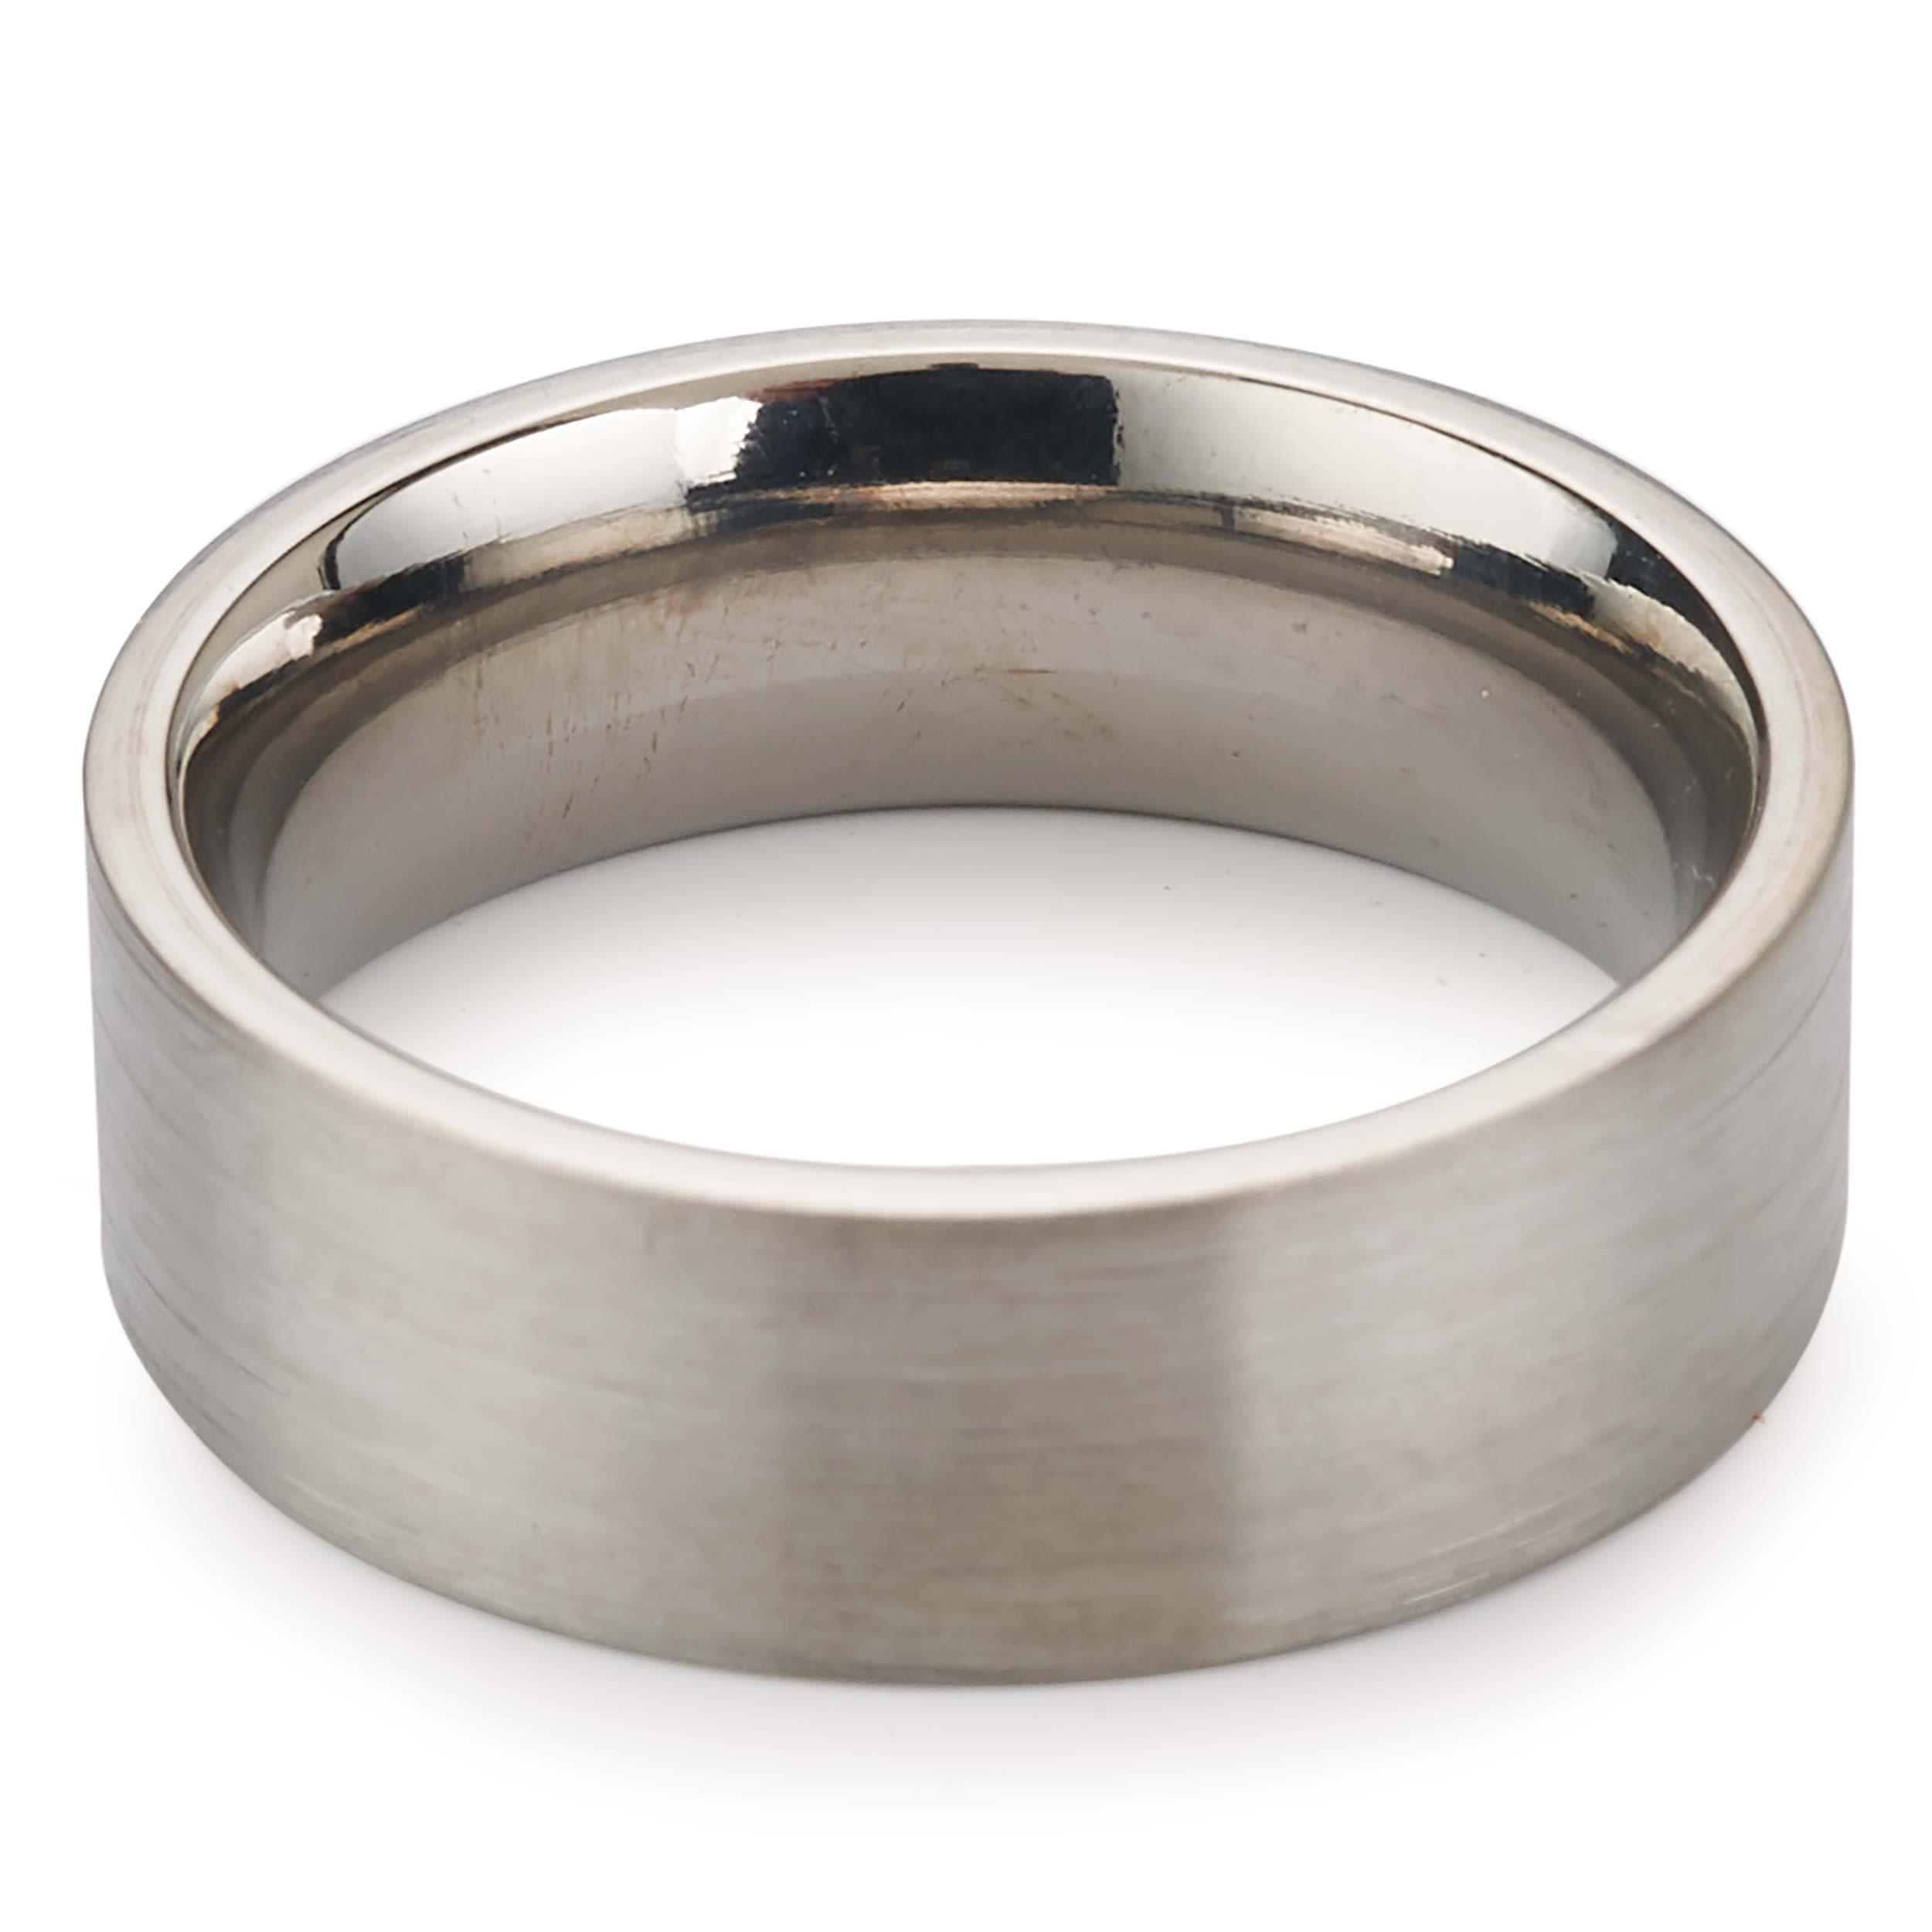 Comfort Ring Core - 64AL-4V Titanium - 6mm, Size 9